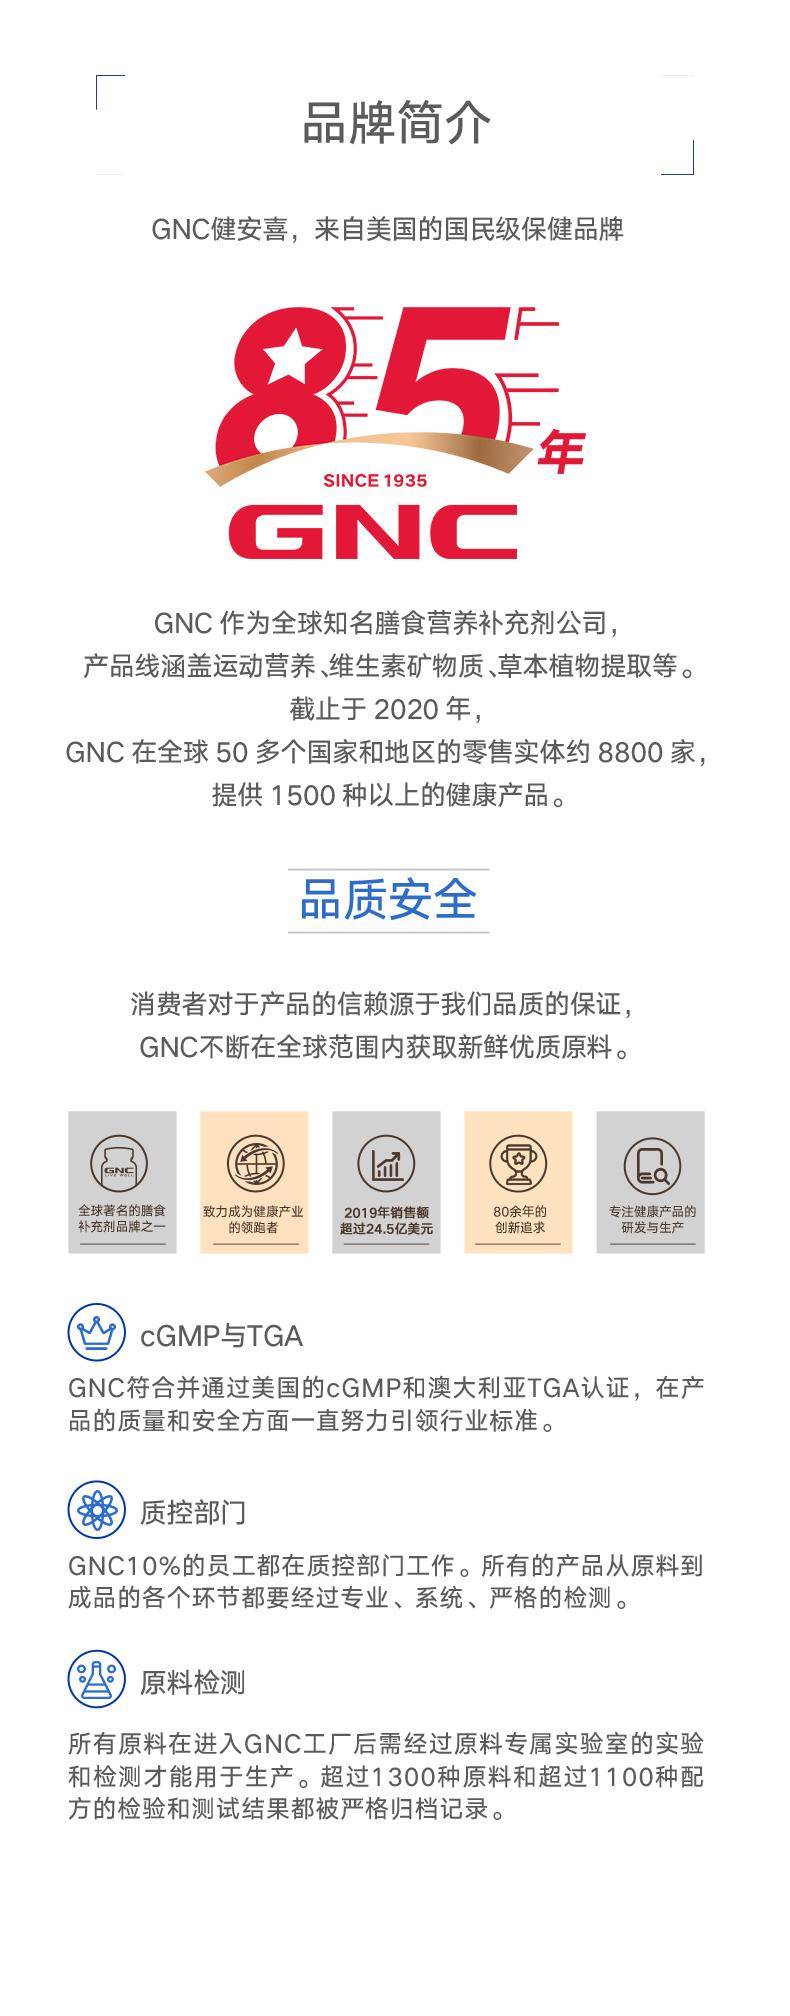 直播链接专享GNC健安喜维生素D高钙片1000mg*180粒2瓶钙镁片 ¥249.00 营养产品 第17张